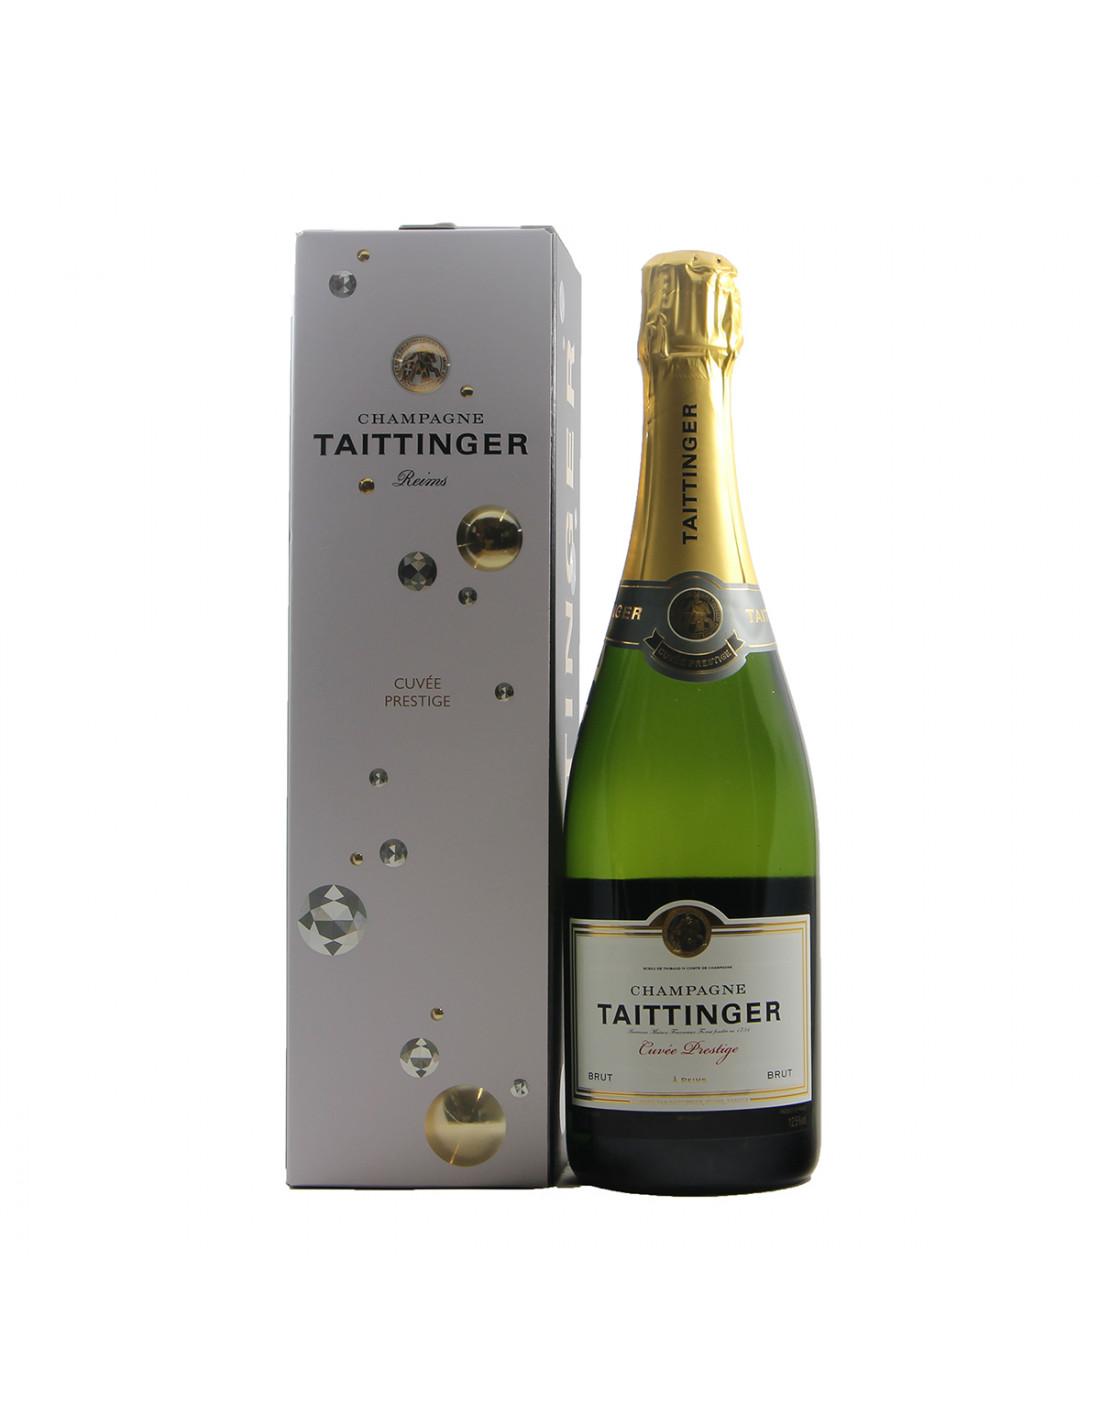 Taittinger Champagne Brut Cuvee Prestige NV Grandi Bottiglie